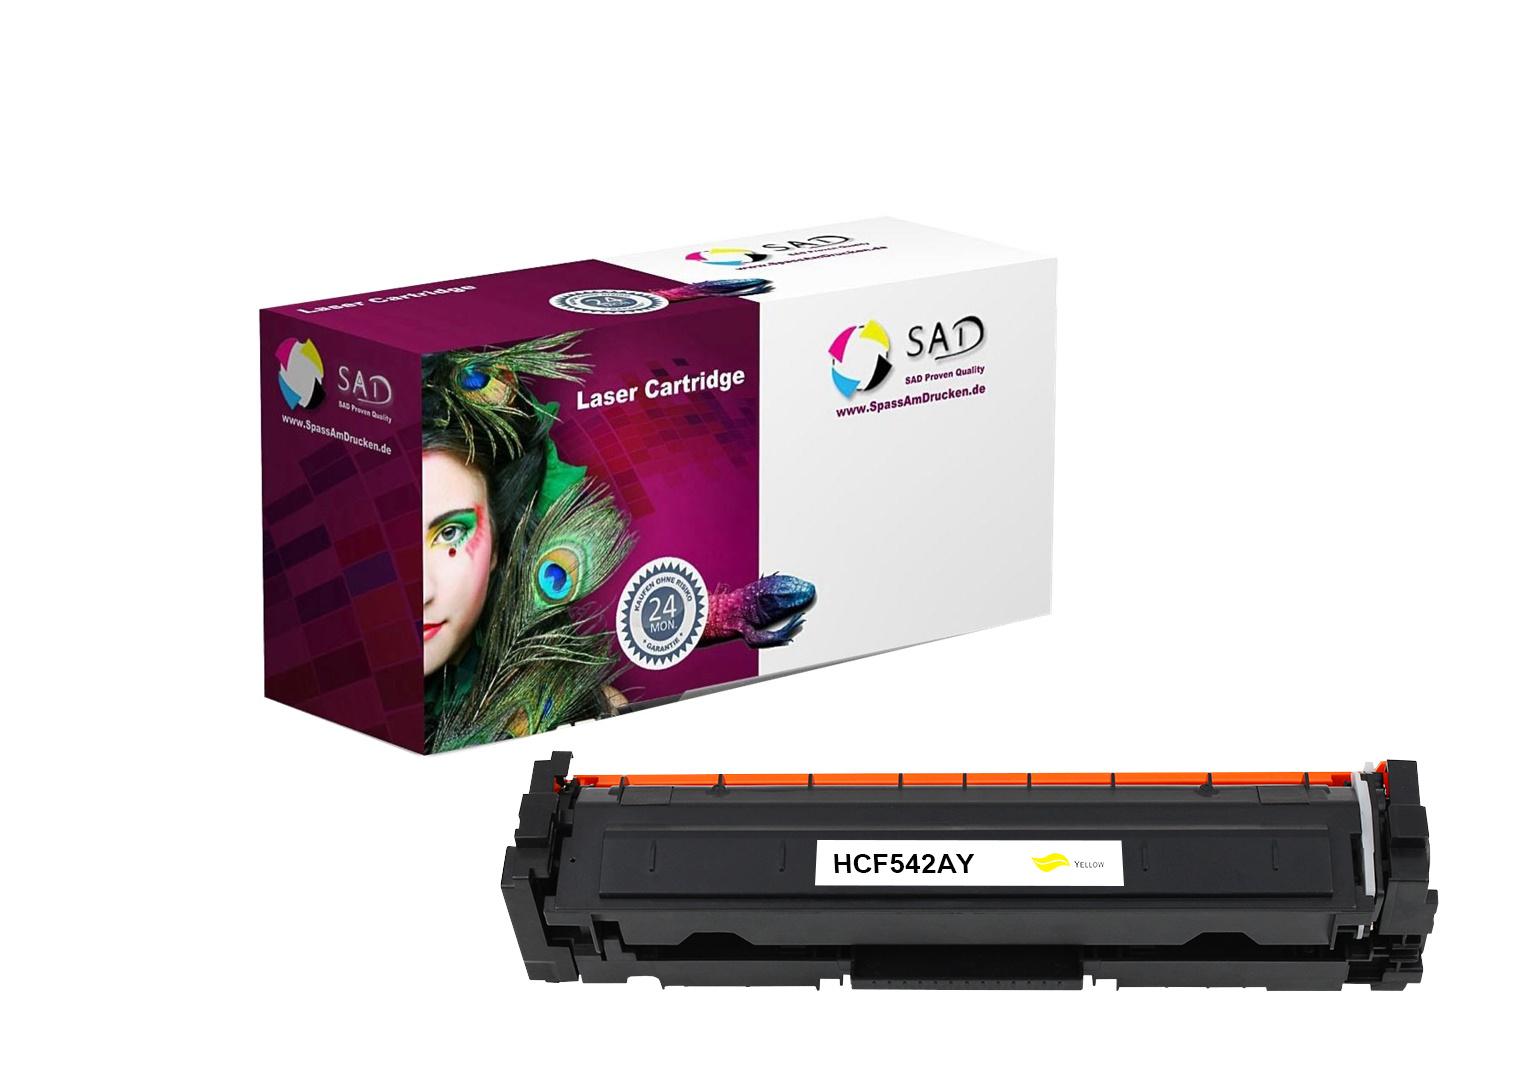 SAD Premium Toner komp. zu HP 203A - CF542A für HP LaserJet Pro M254, HP LaserJet Pro M280, HP Laser